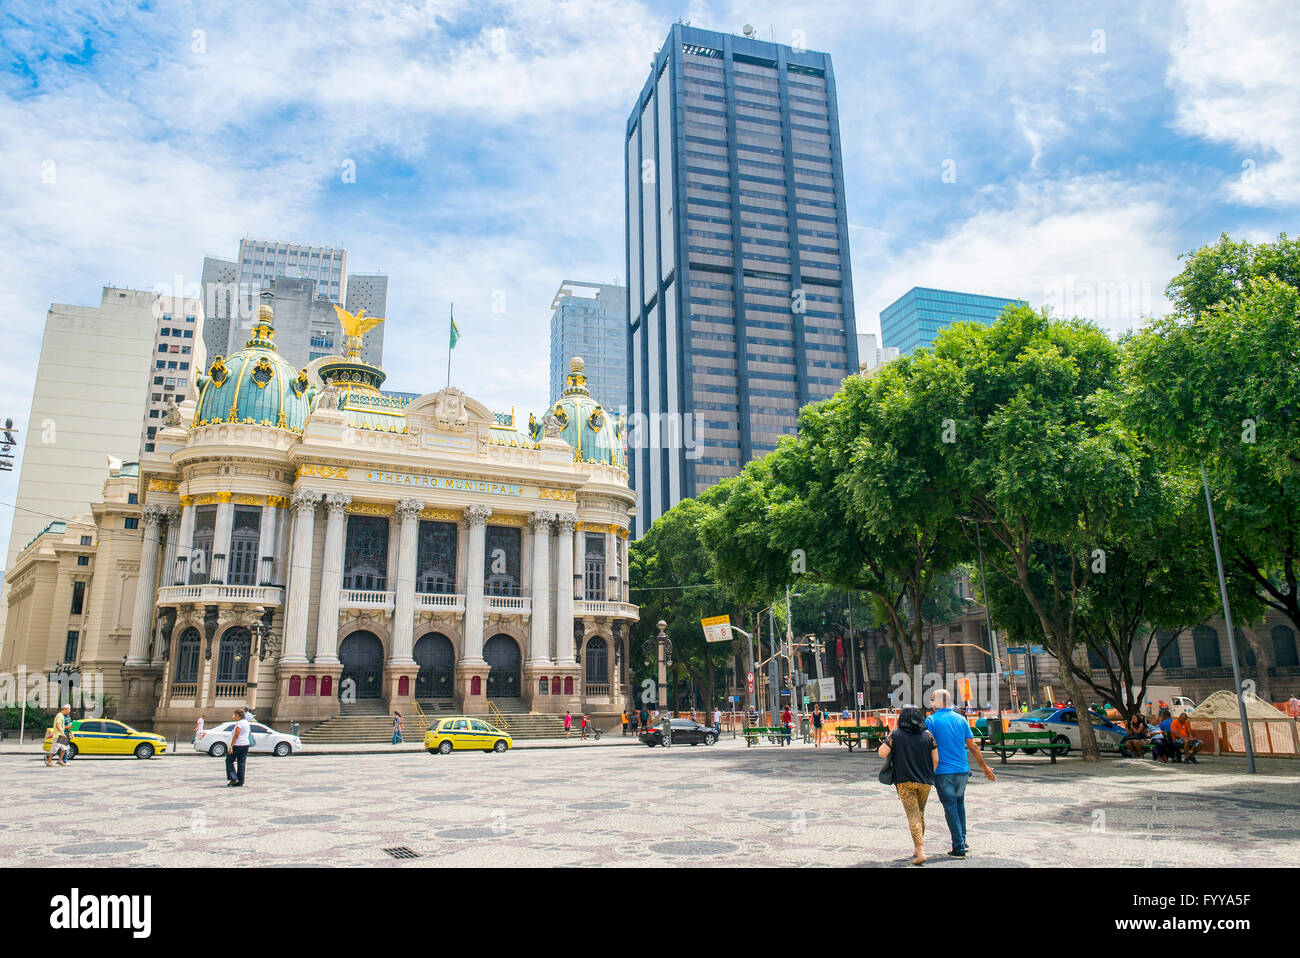 RIO DE JANEIRO - Febrero 26, 2016: los peatones y el tráfico pase el Teatro Municipal, construido en un estilo Imagen De Stock